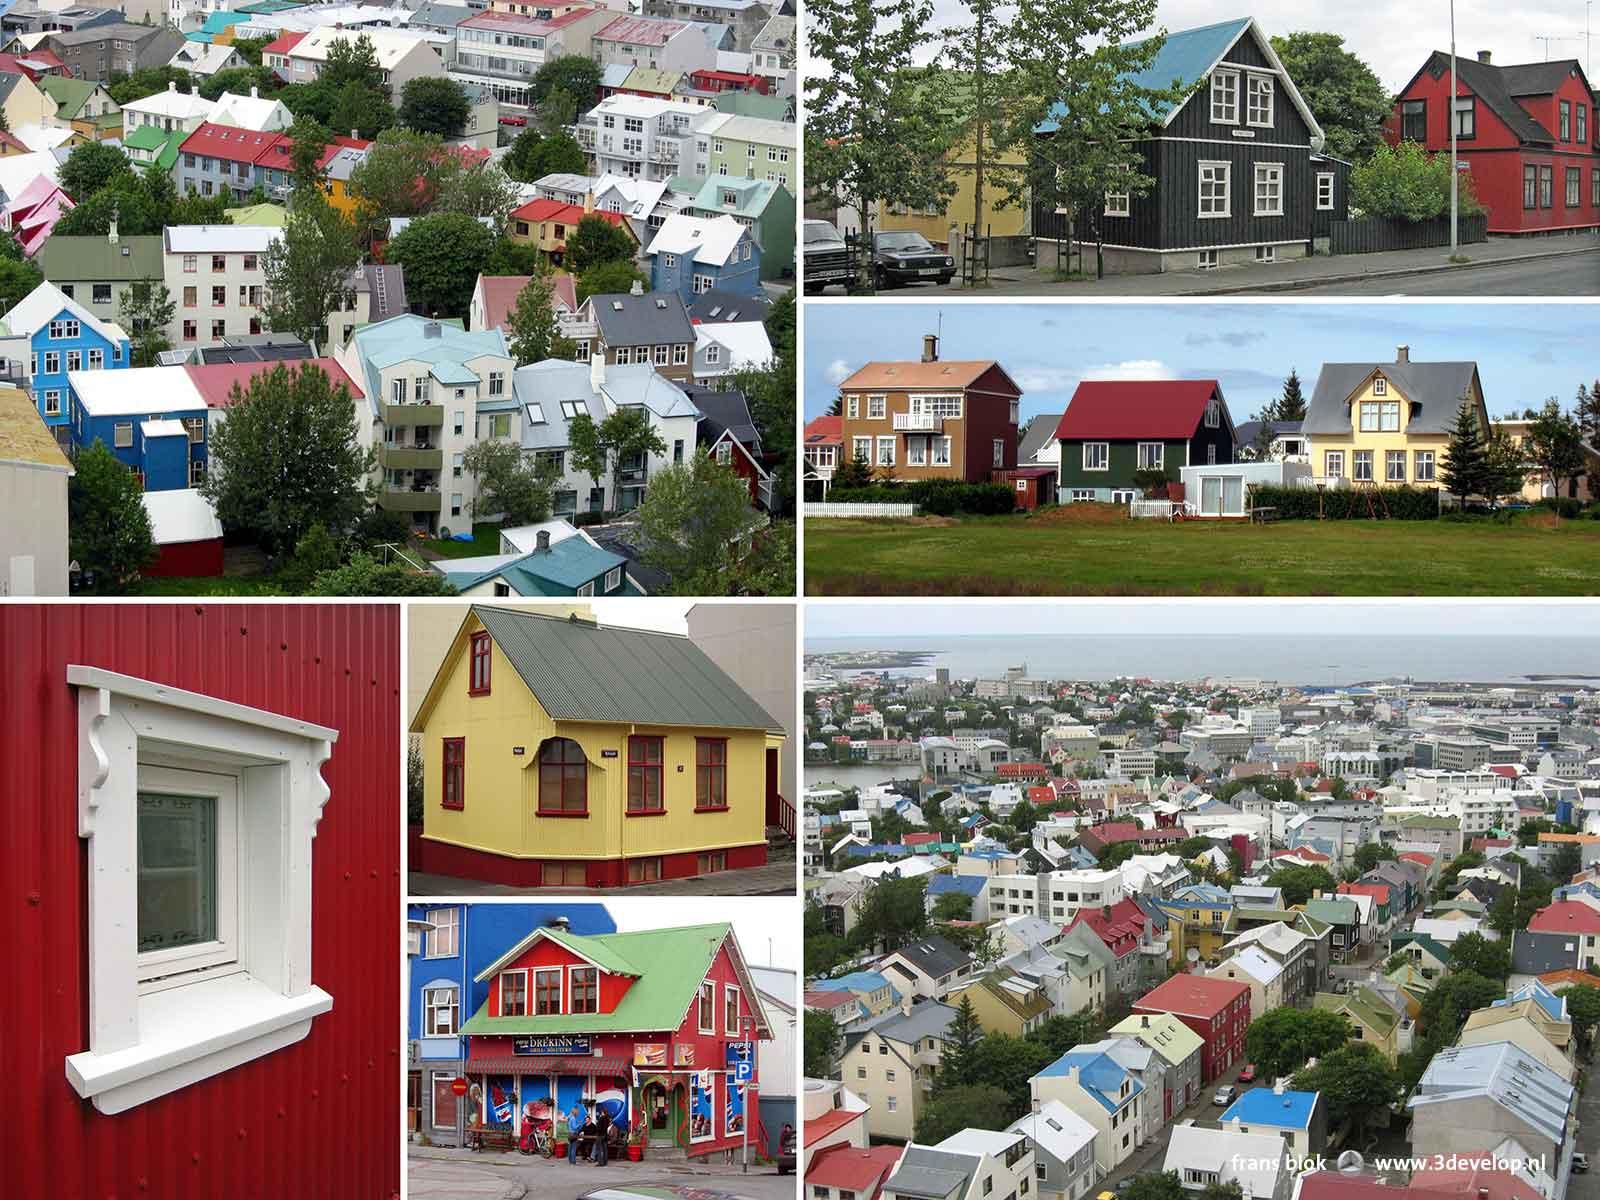 Collage van foto's gemaakt in Reykjavik, IJsland, die de veelkleurigheid van de met golfplaat afgewerkte huizen laten zien